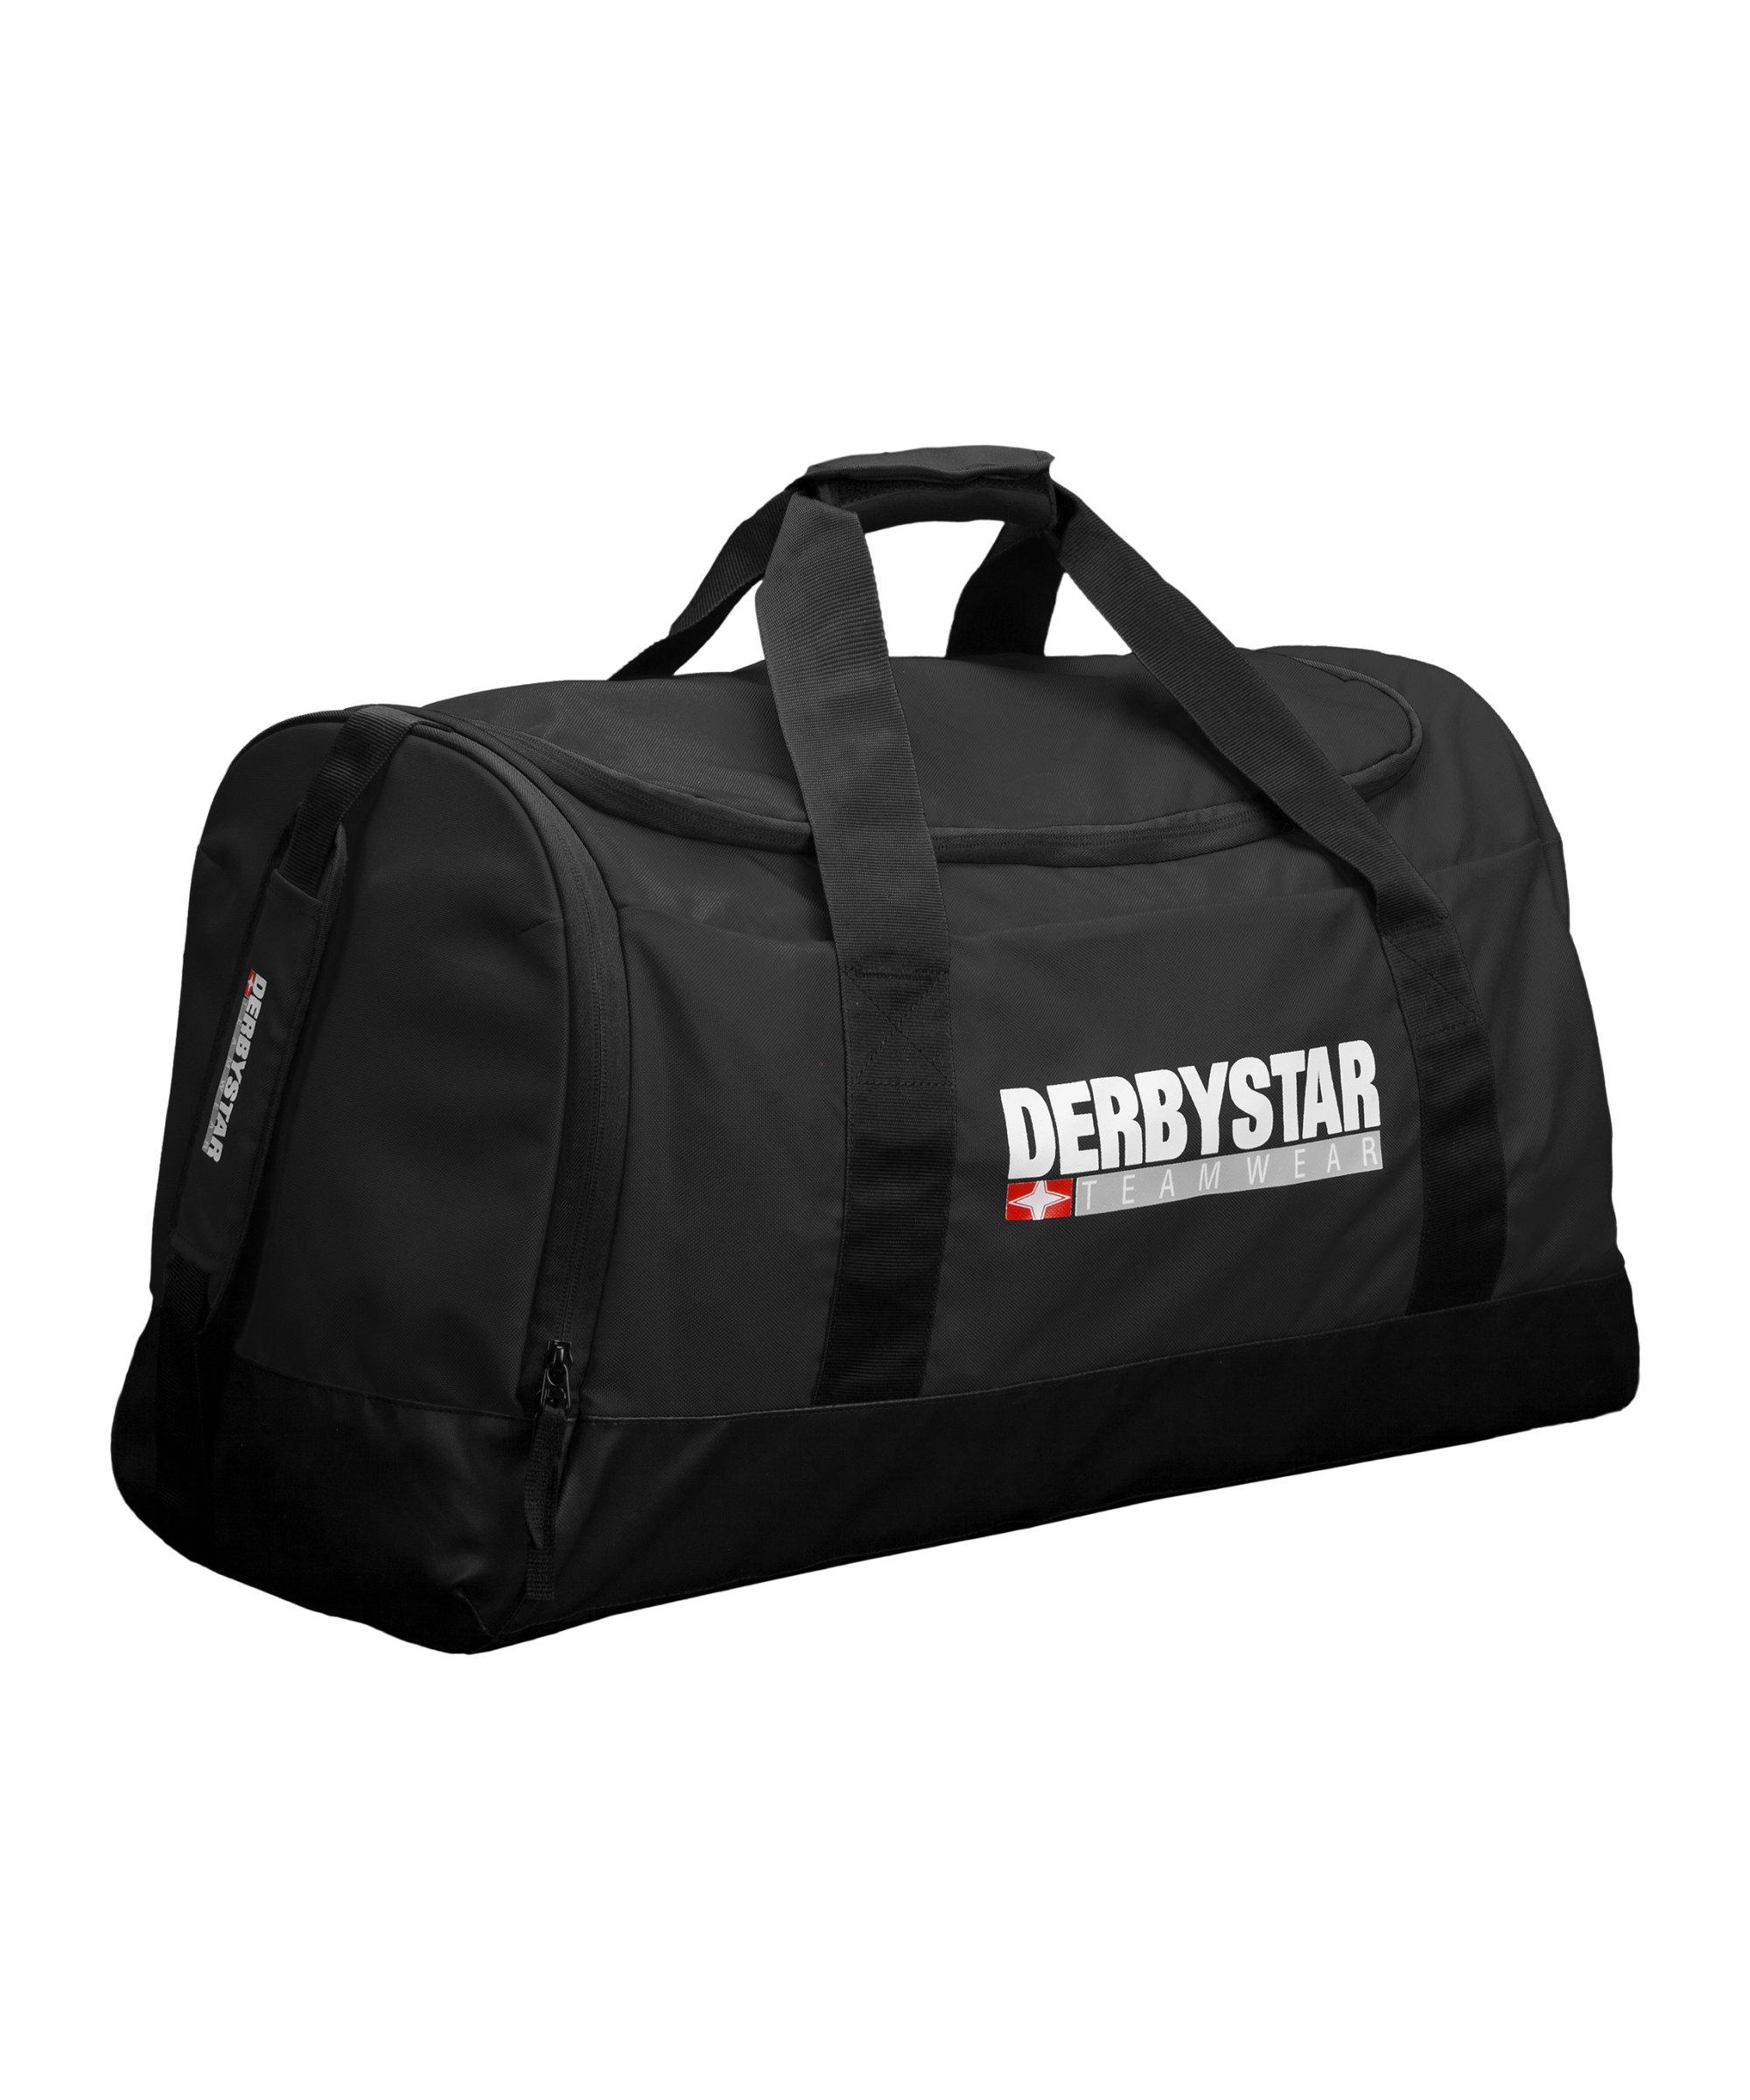 Derbystar Sporttasche Hyper Gr. M Schwarz F200 - schwarz